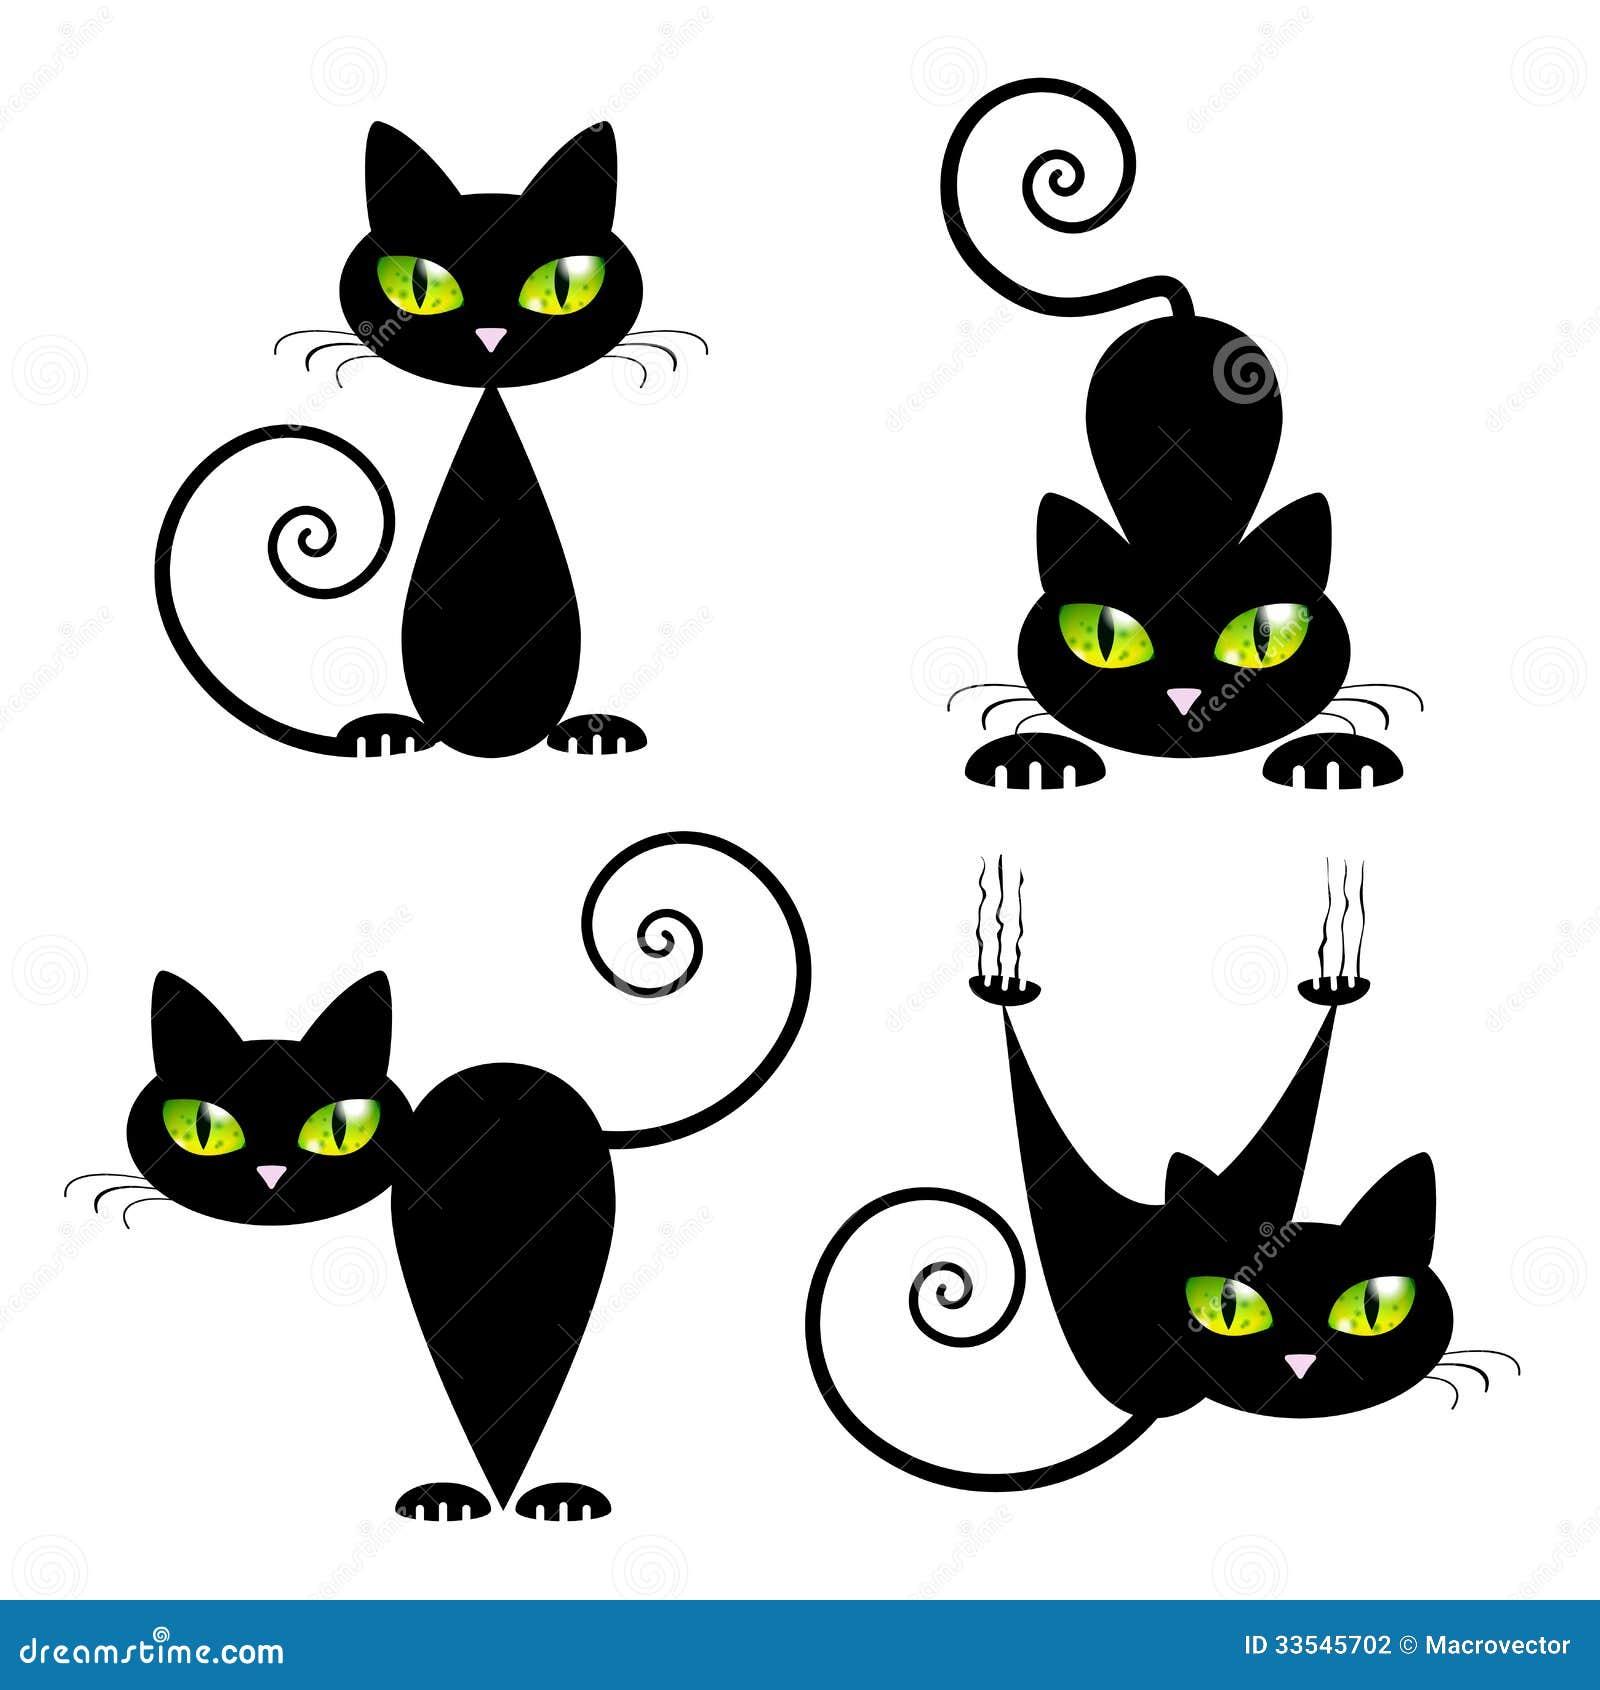 Рисуем черно белого кота